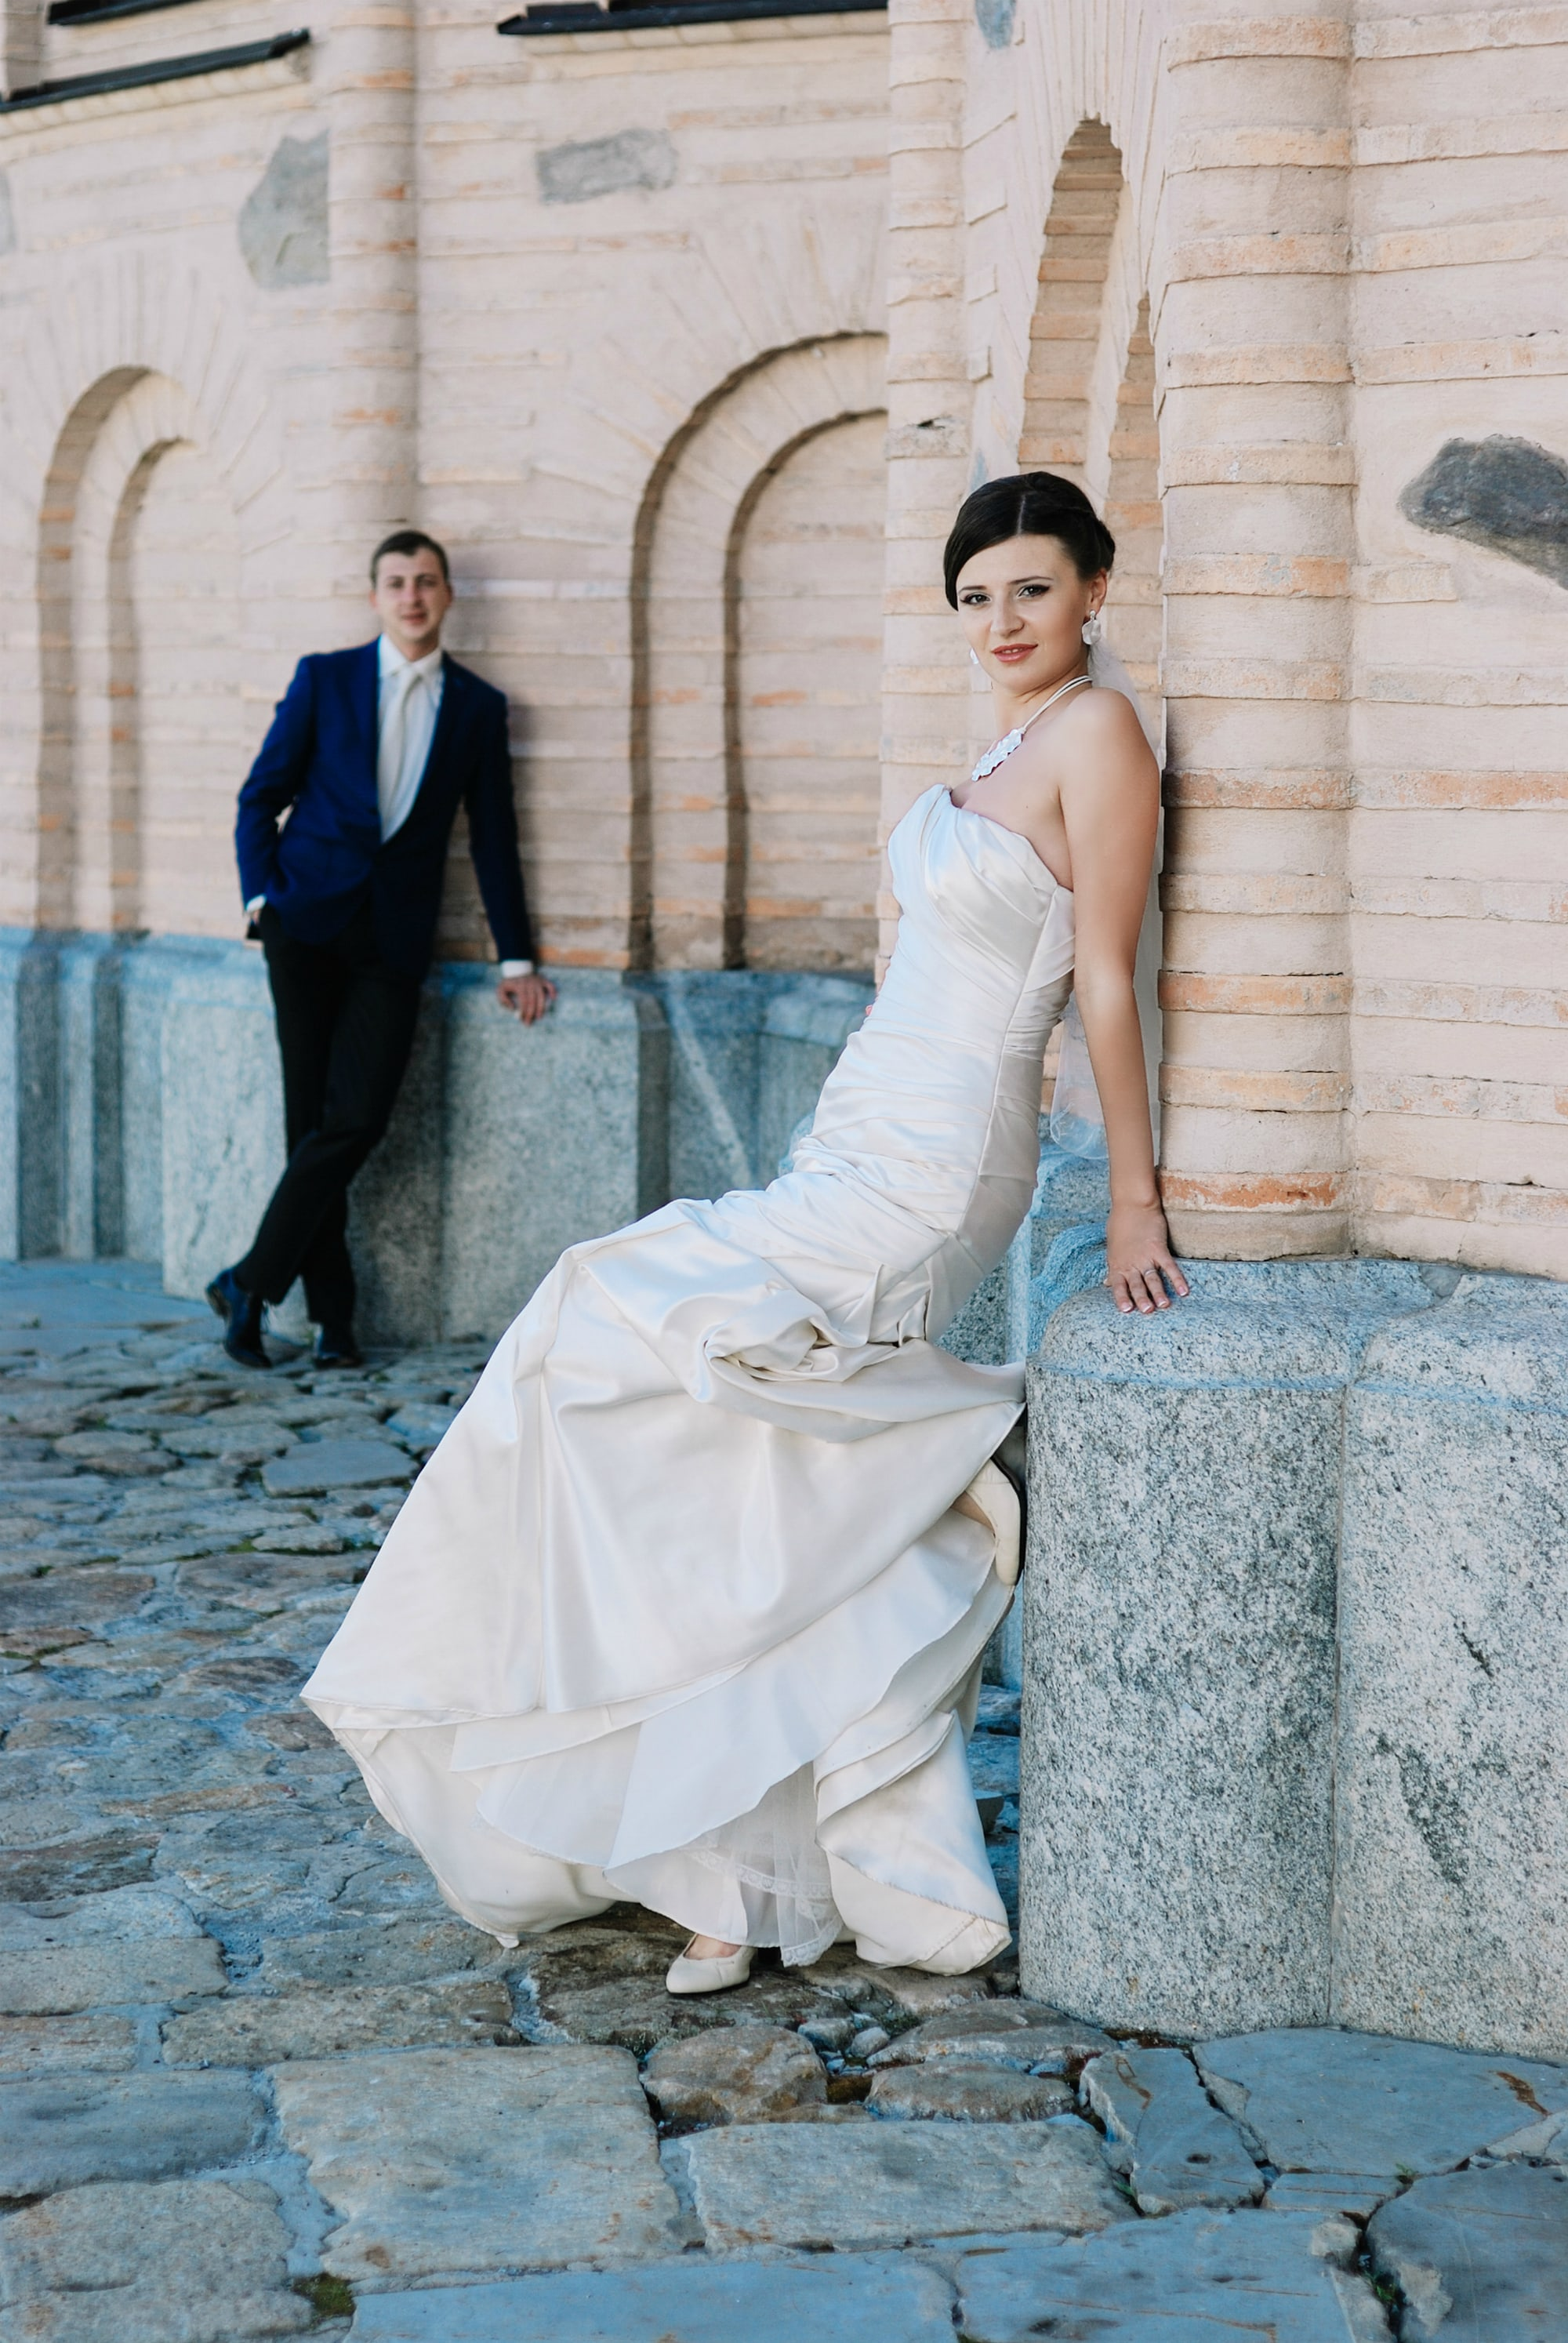 Свадебная фотосъемка в Лавре - Фотограф Киев - Женя Лайт